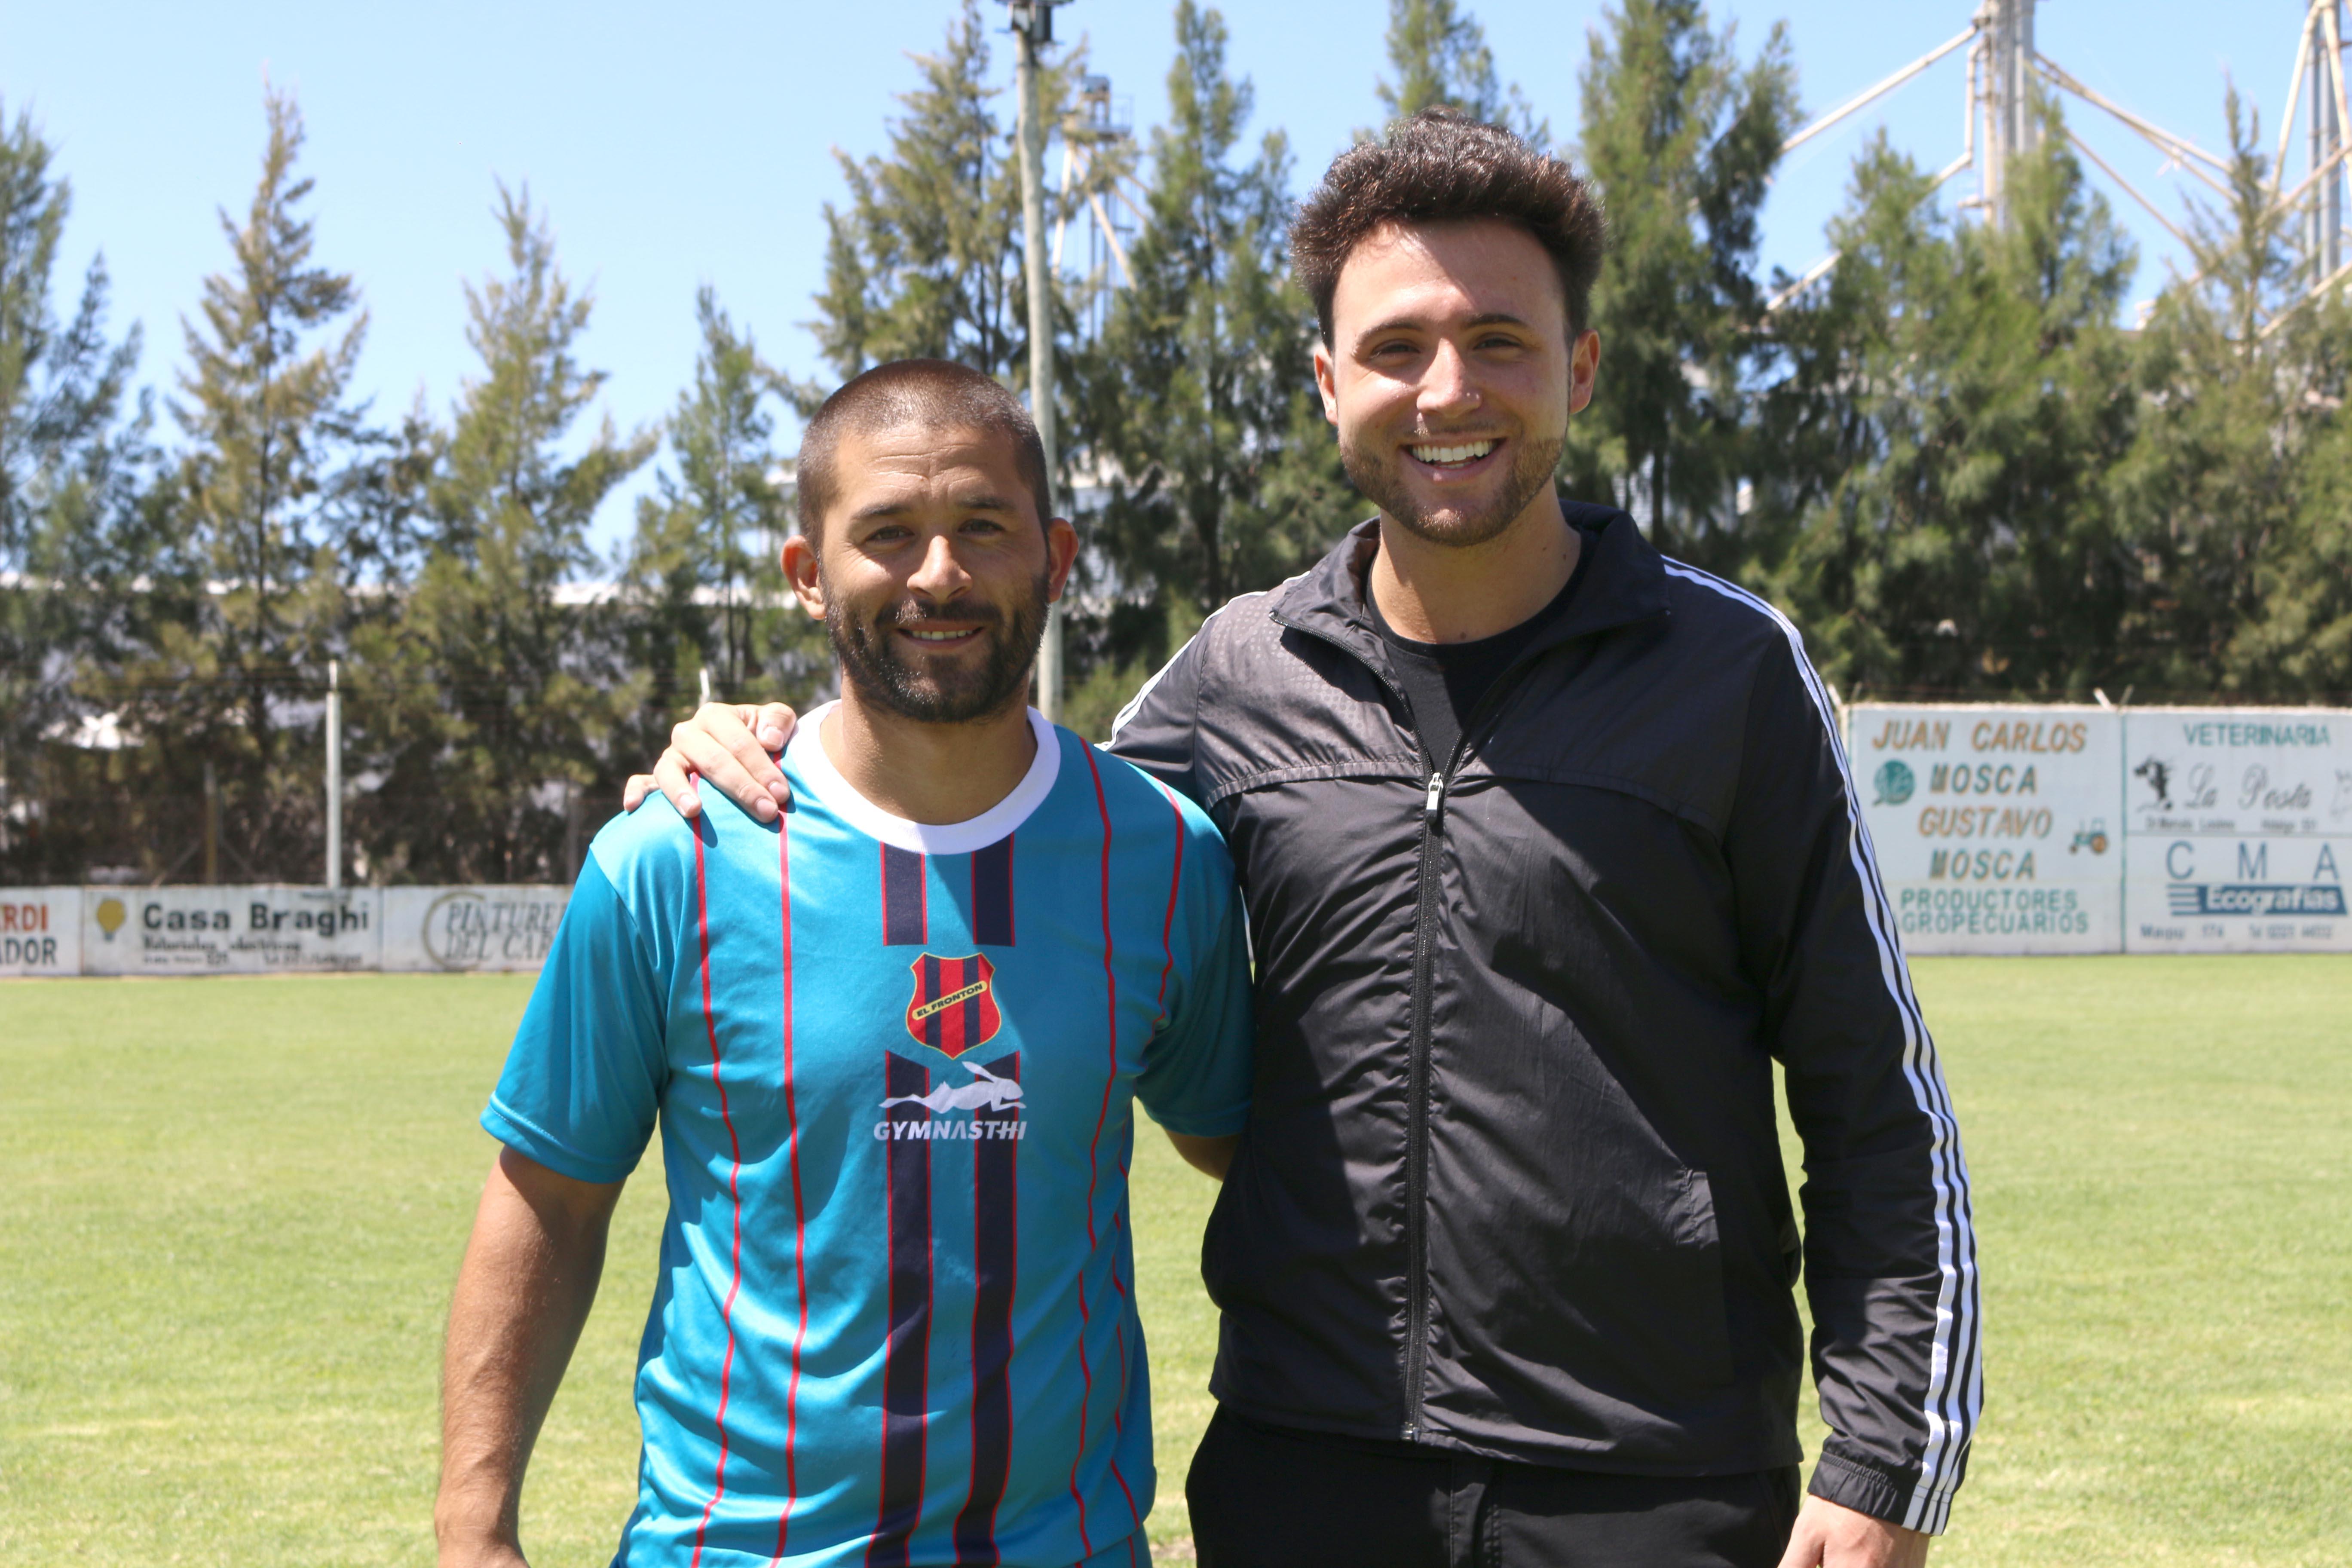 abel-oronda-tecnico-del-fronton-futbol